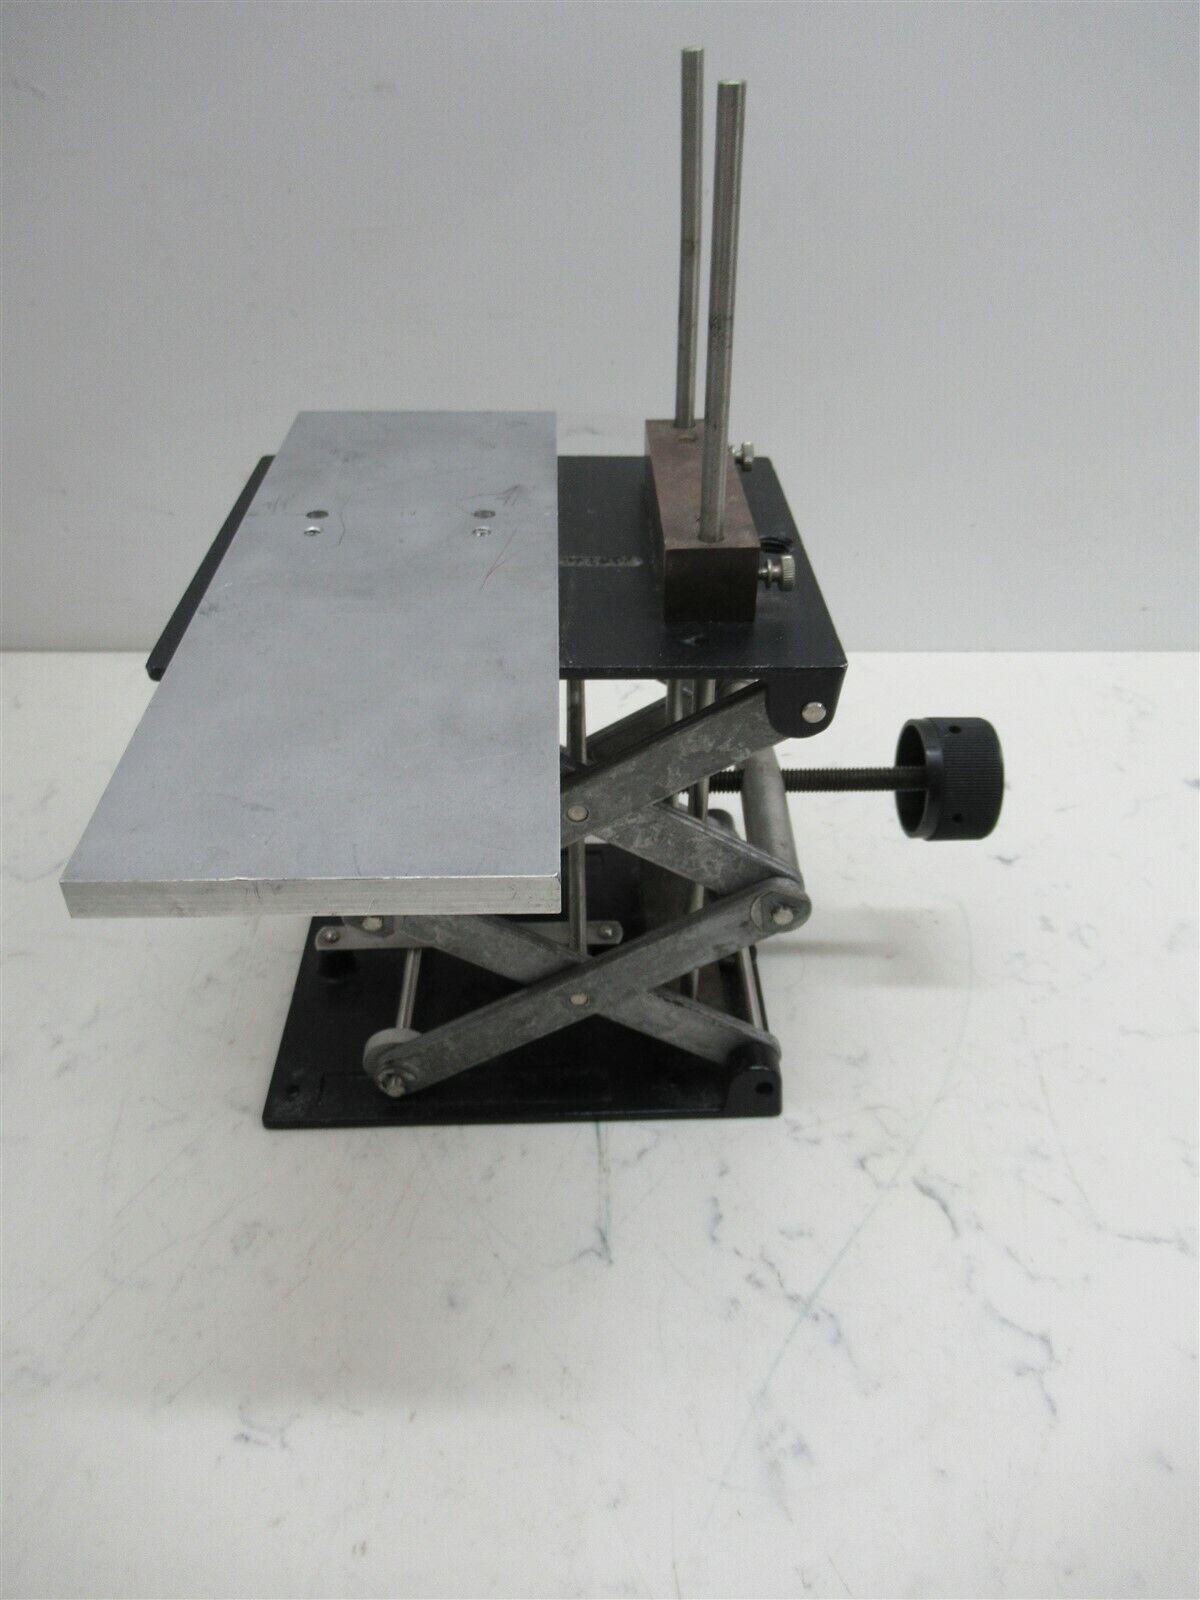 Laboratory Lift Vintage Quality Scissor Jack Unit w/ Stainless Extension Deck